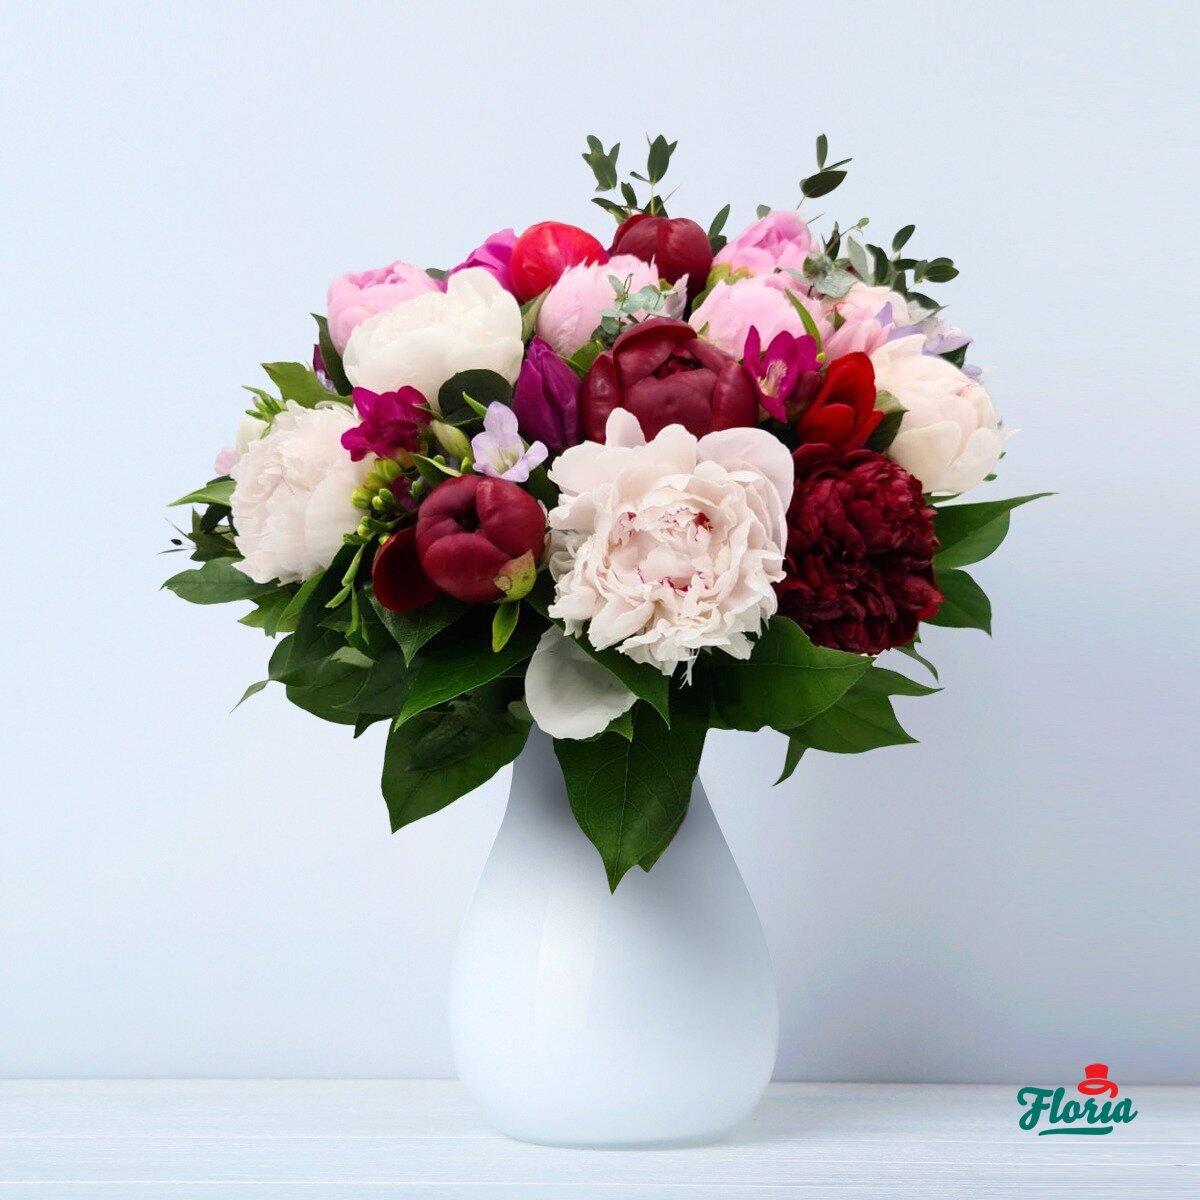 Când ai luat flori ultima dată? Cine sunt clienții florăriilor online